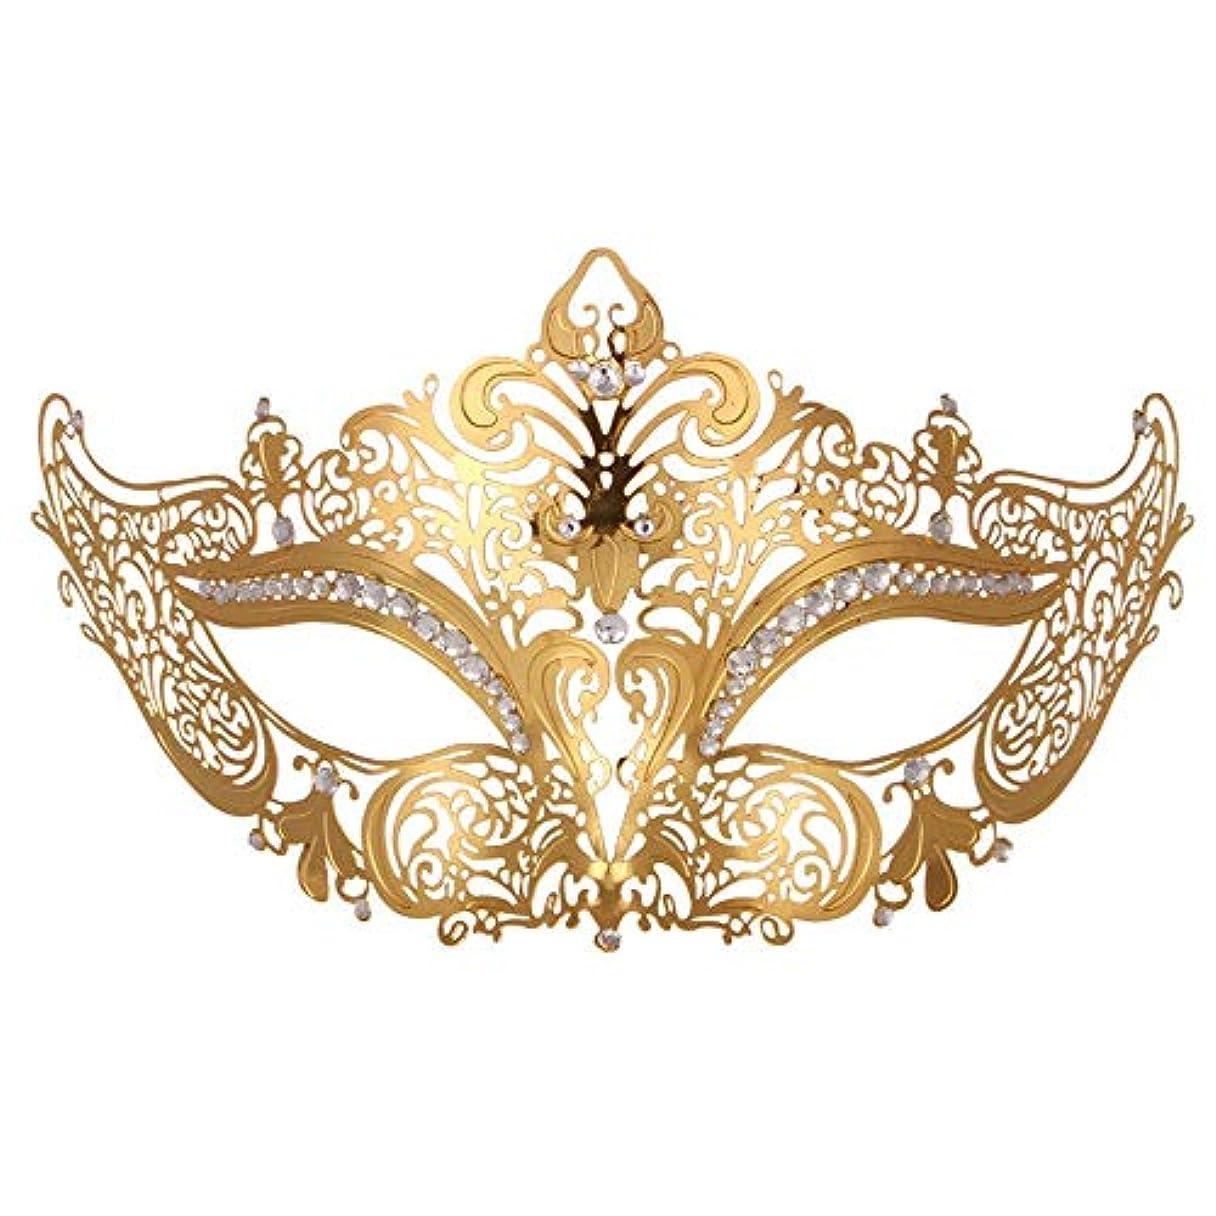 不運閉じ込める素晴らしきダンスマスク 高級金メッキ銀マスク仮装小道具ロールプレイングナイトクラブパーティーマスク ホリデーパーティー用品 (色 : ゴールド, サイズ : Universal)